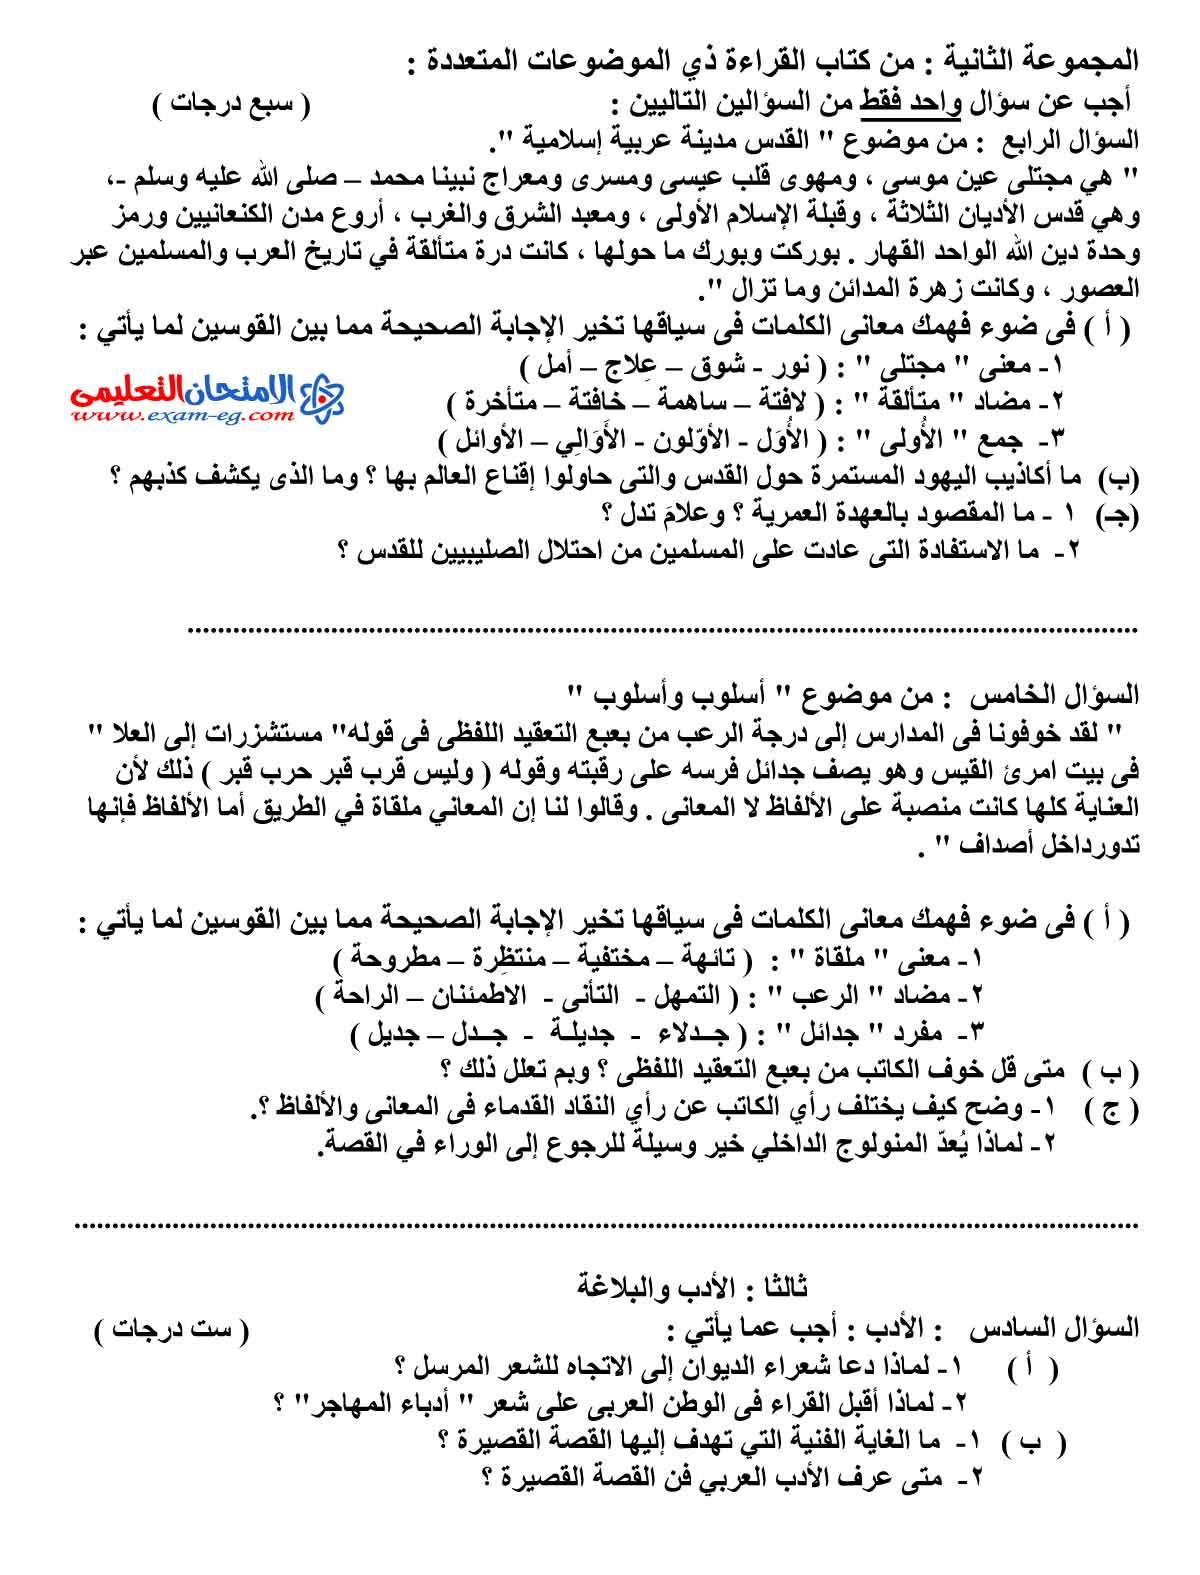 امتحان اللغة العربية 3 - مدرسة اون لاين (2)